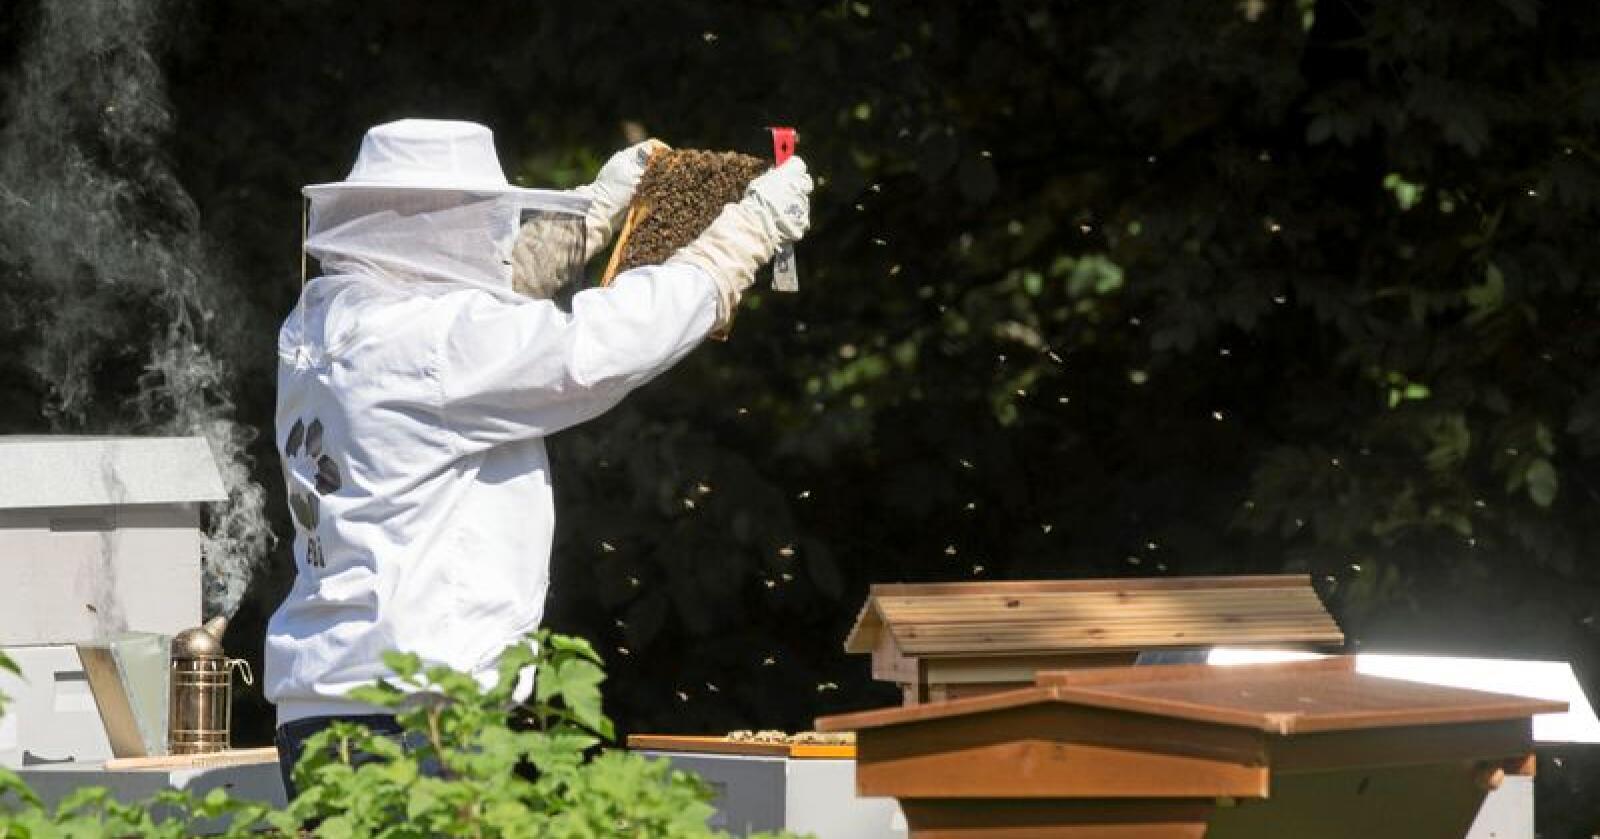 Neste uke åpner gartneriområdet på Bygdøy i Oslo for publikum. Der er det både frukthager, veksthus og honningproduksjon. Her en birøkter i aksjon ved gartneriet. Foto: Berit Roald / NTB scanpix